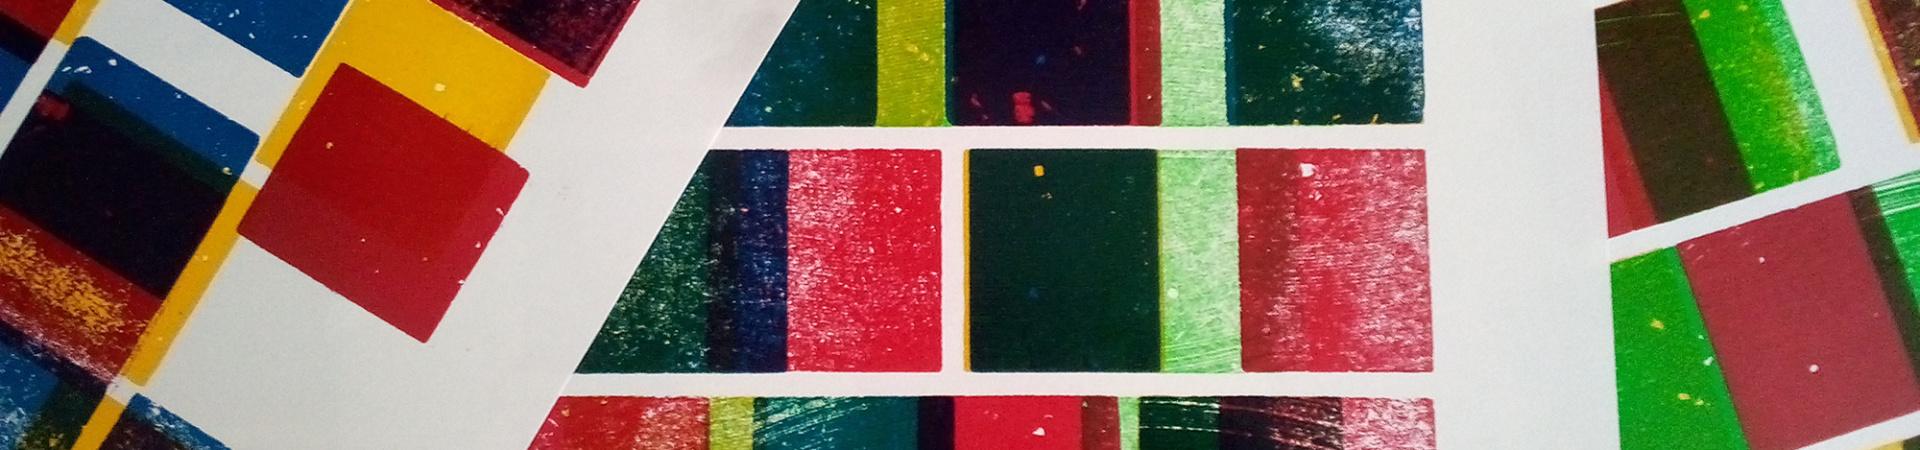 Square colours experiments